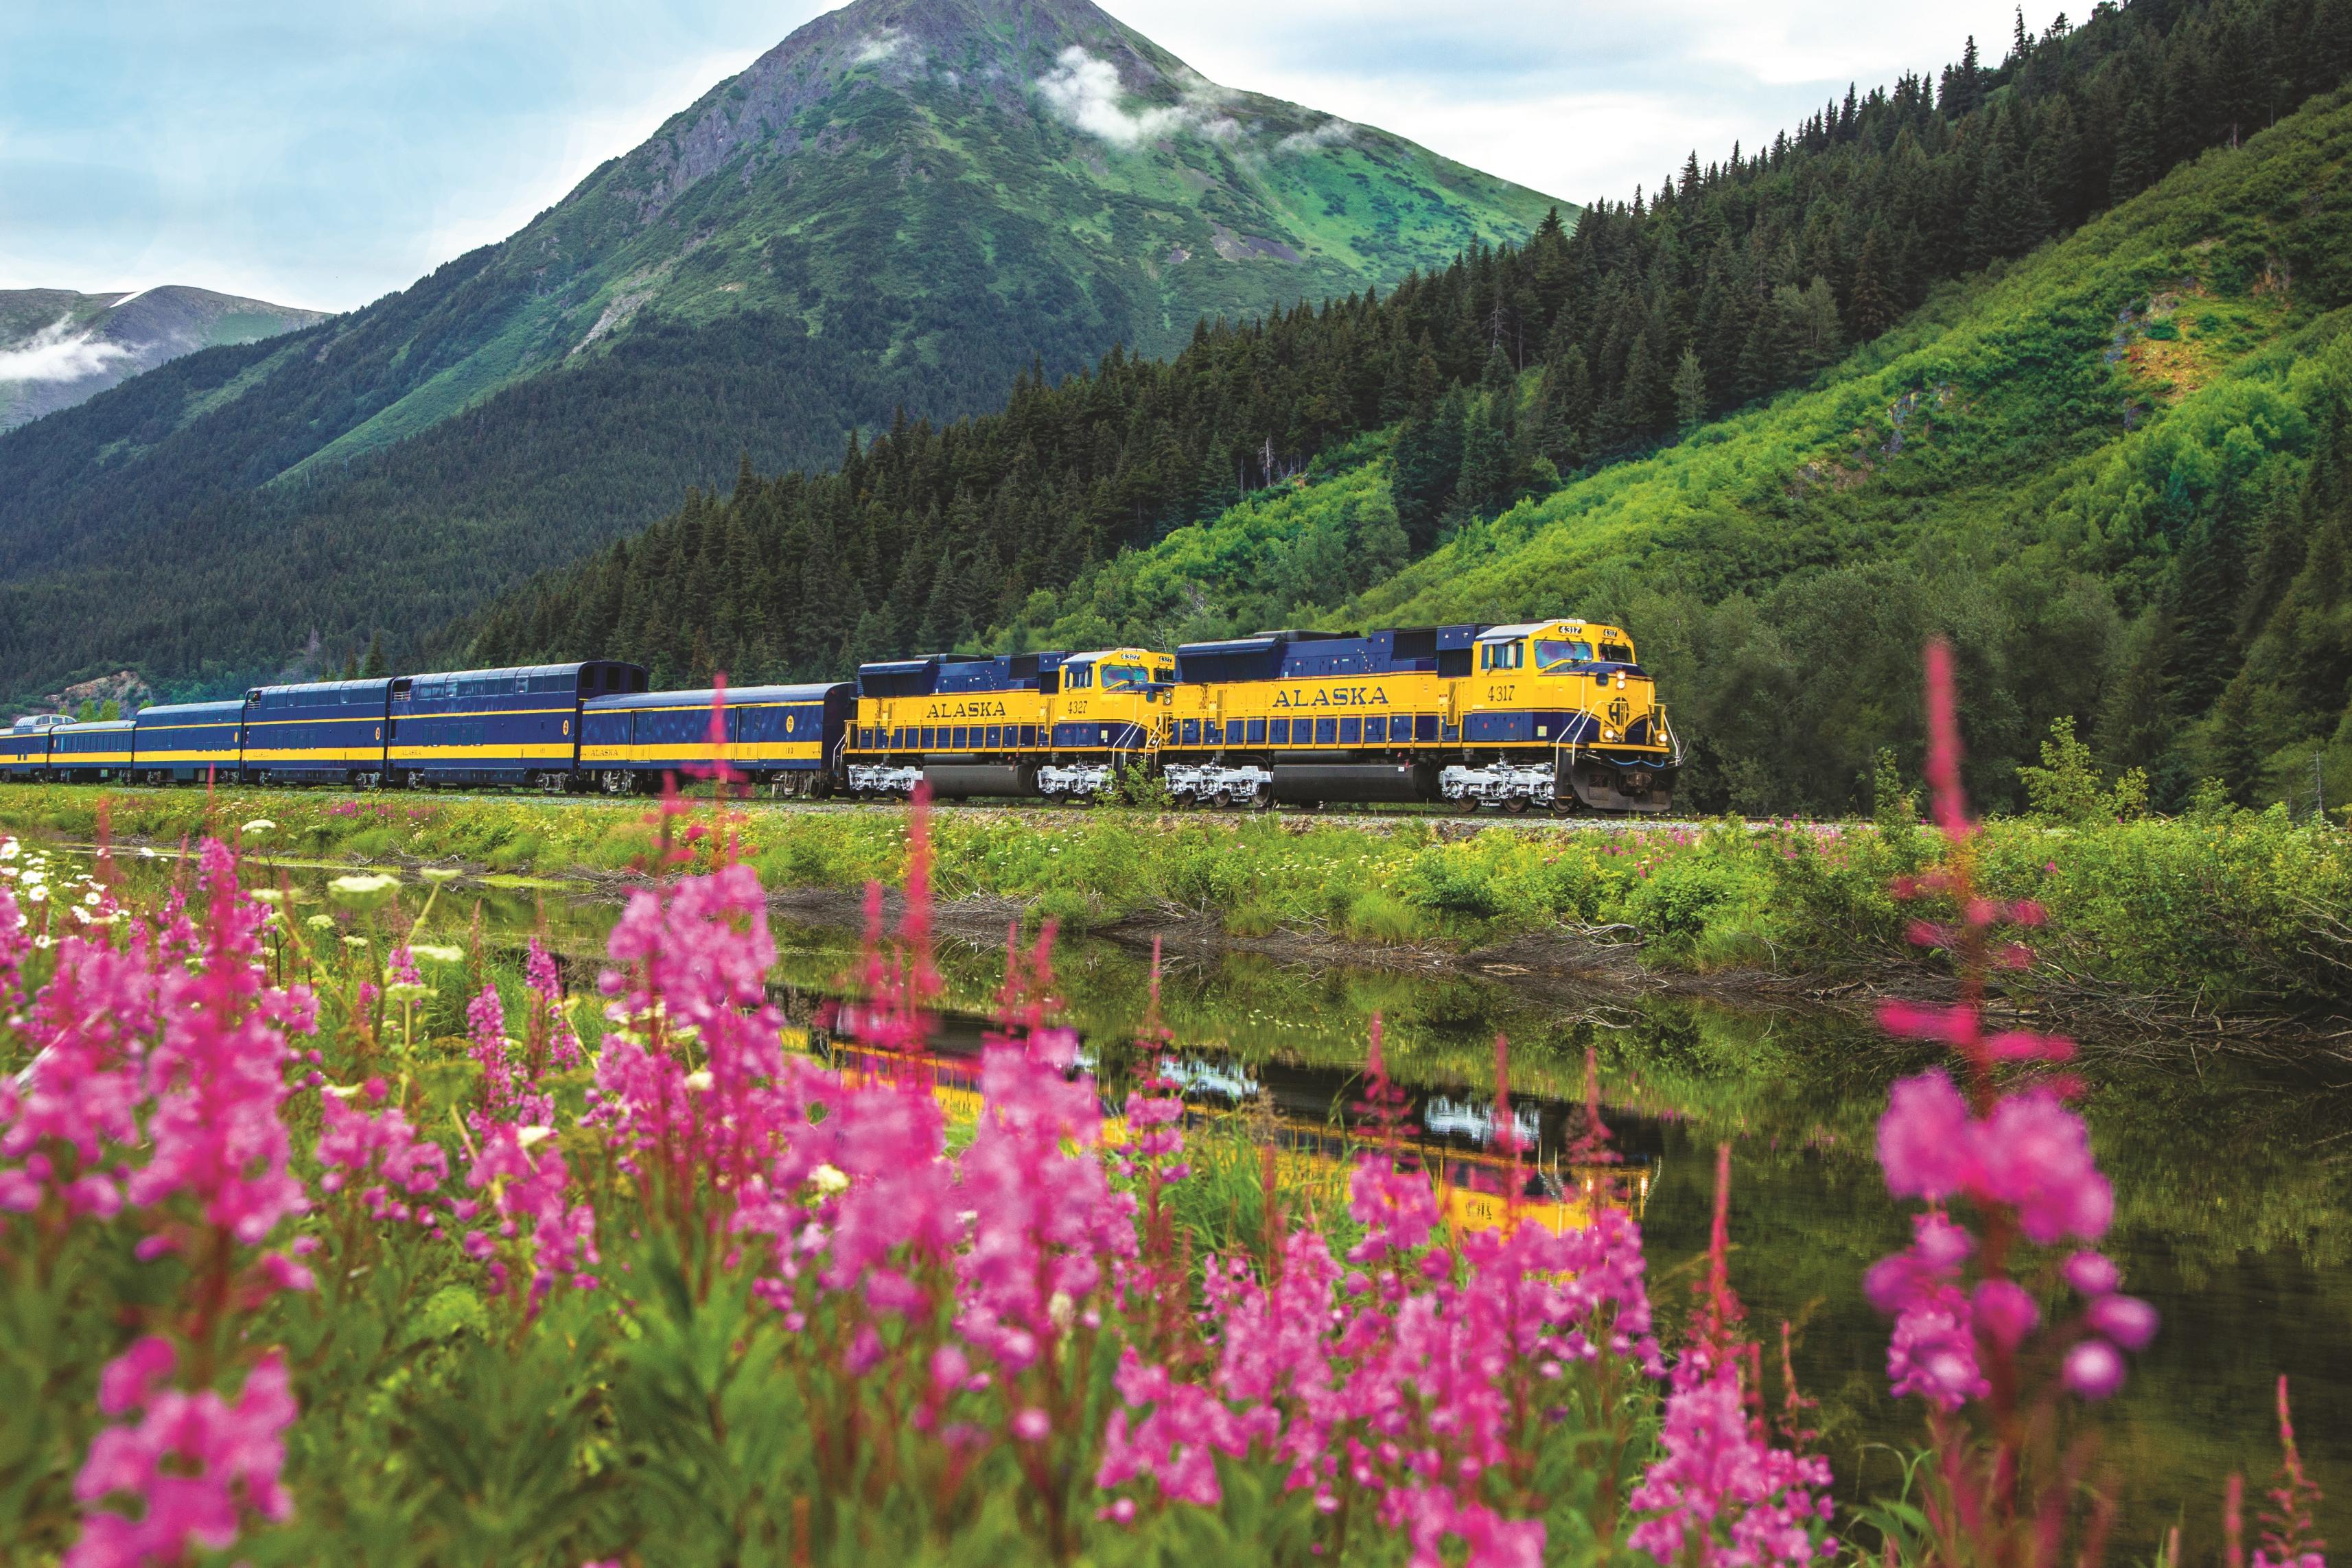 AK Railroad (3)